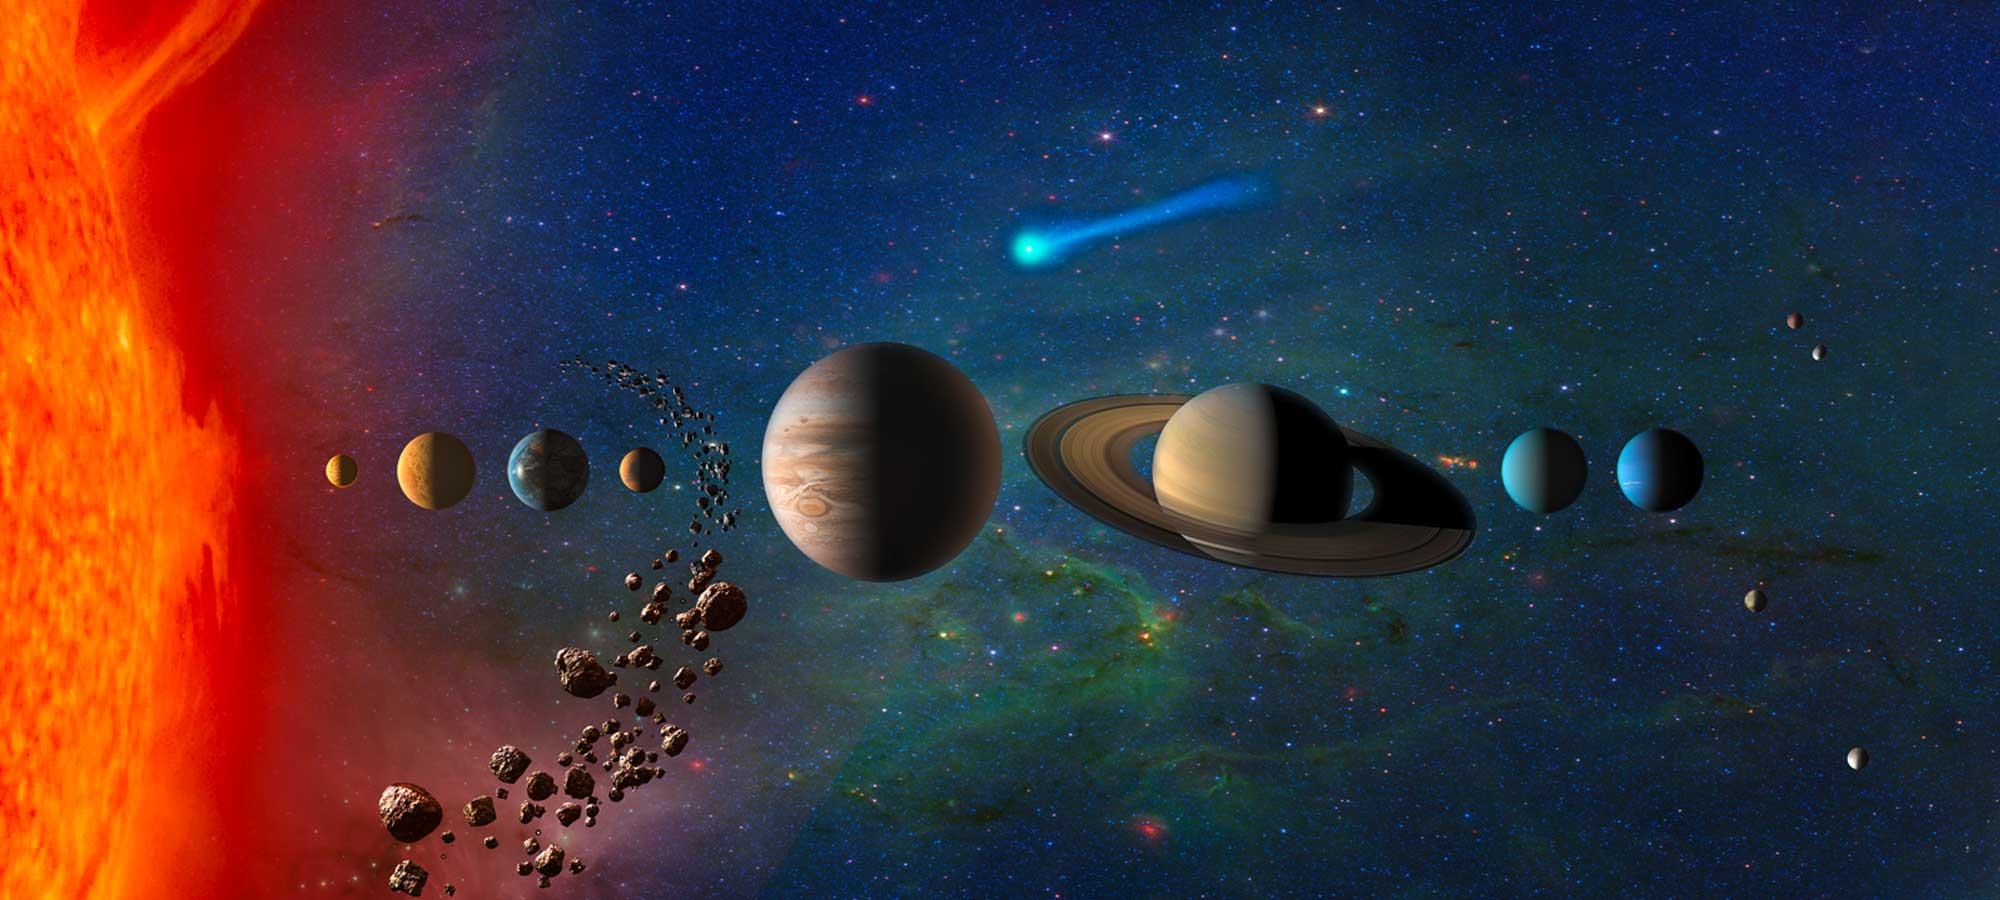 Avståndet mellan planeterna